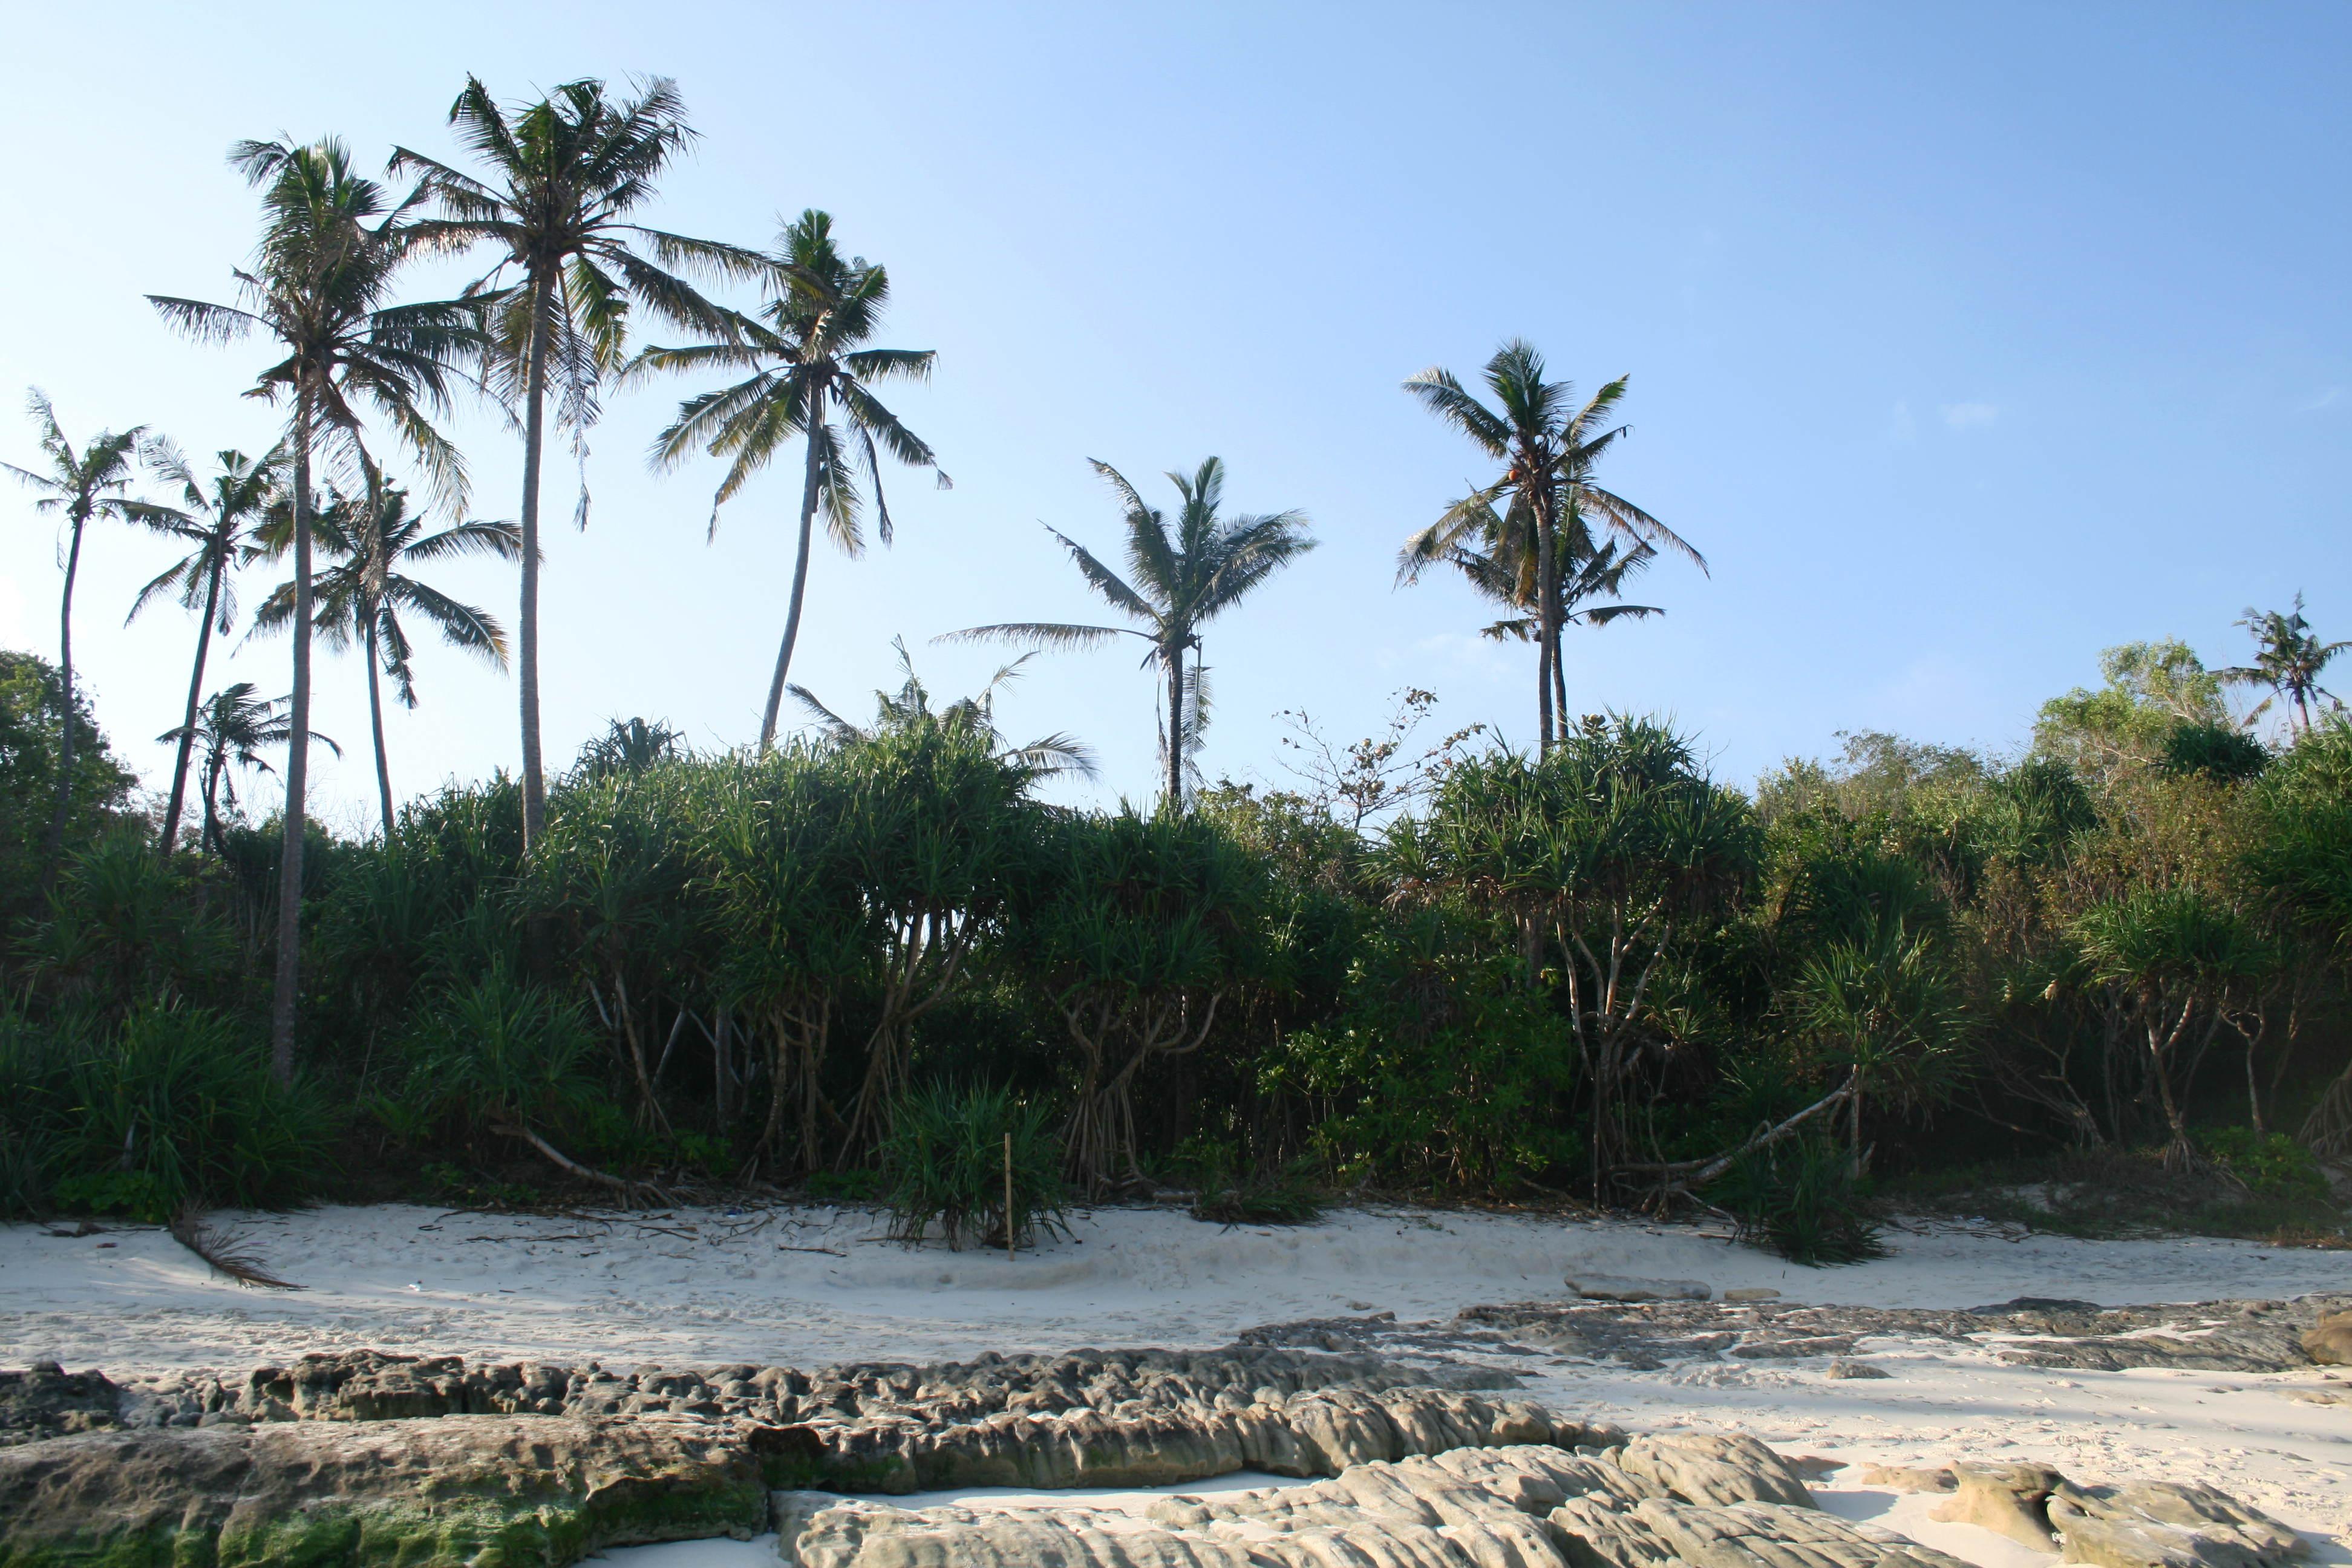 Les palmiers sur la plage